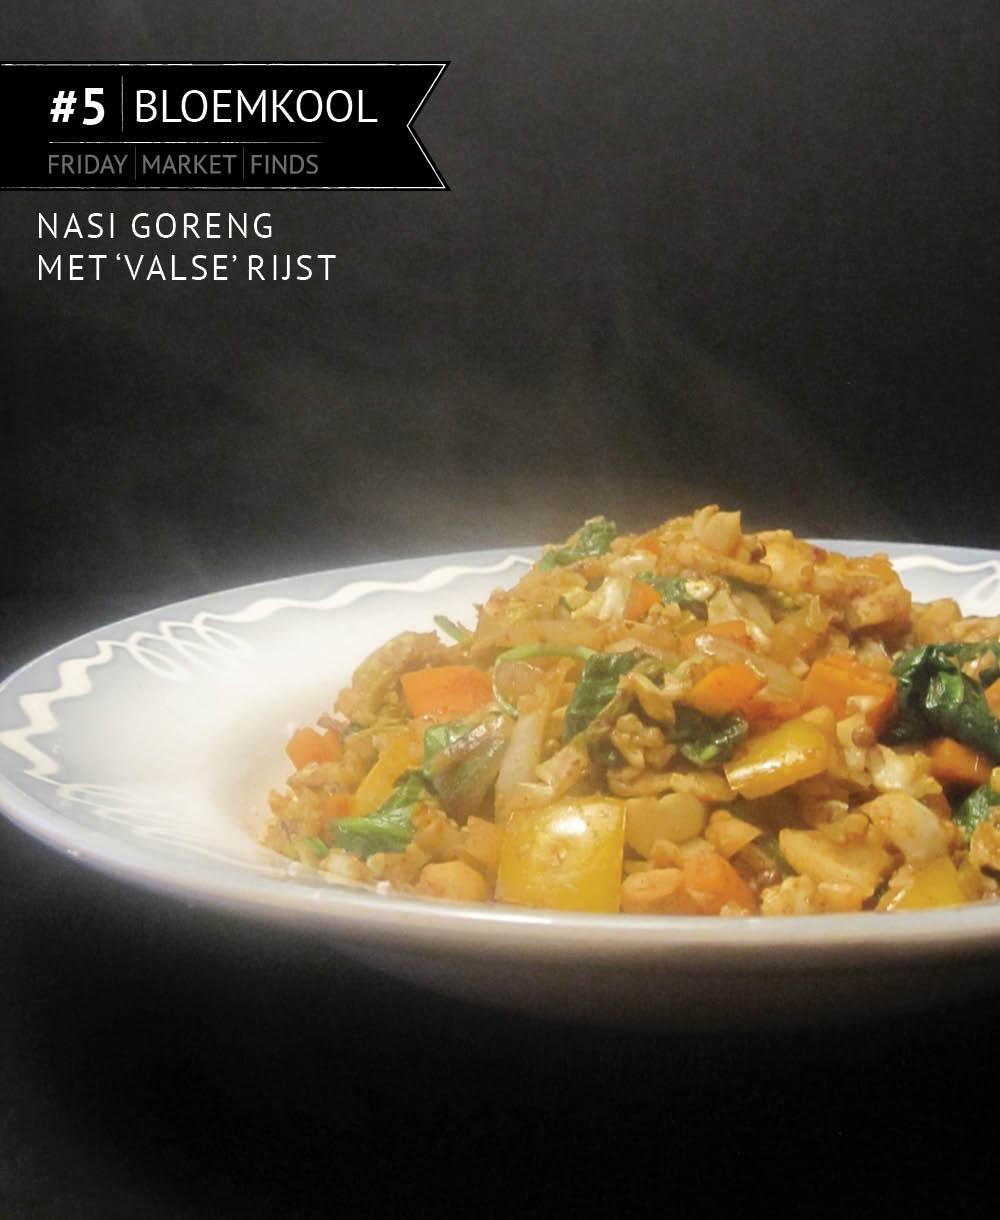 Empty the Fridge - Friday market find 5 - Nasi goreng met valse bloemkool-rijst